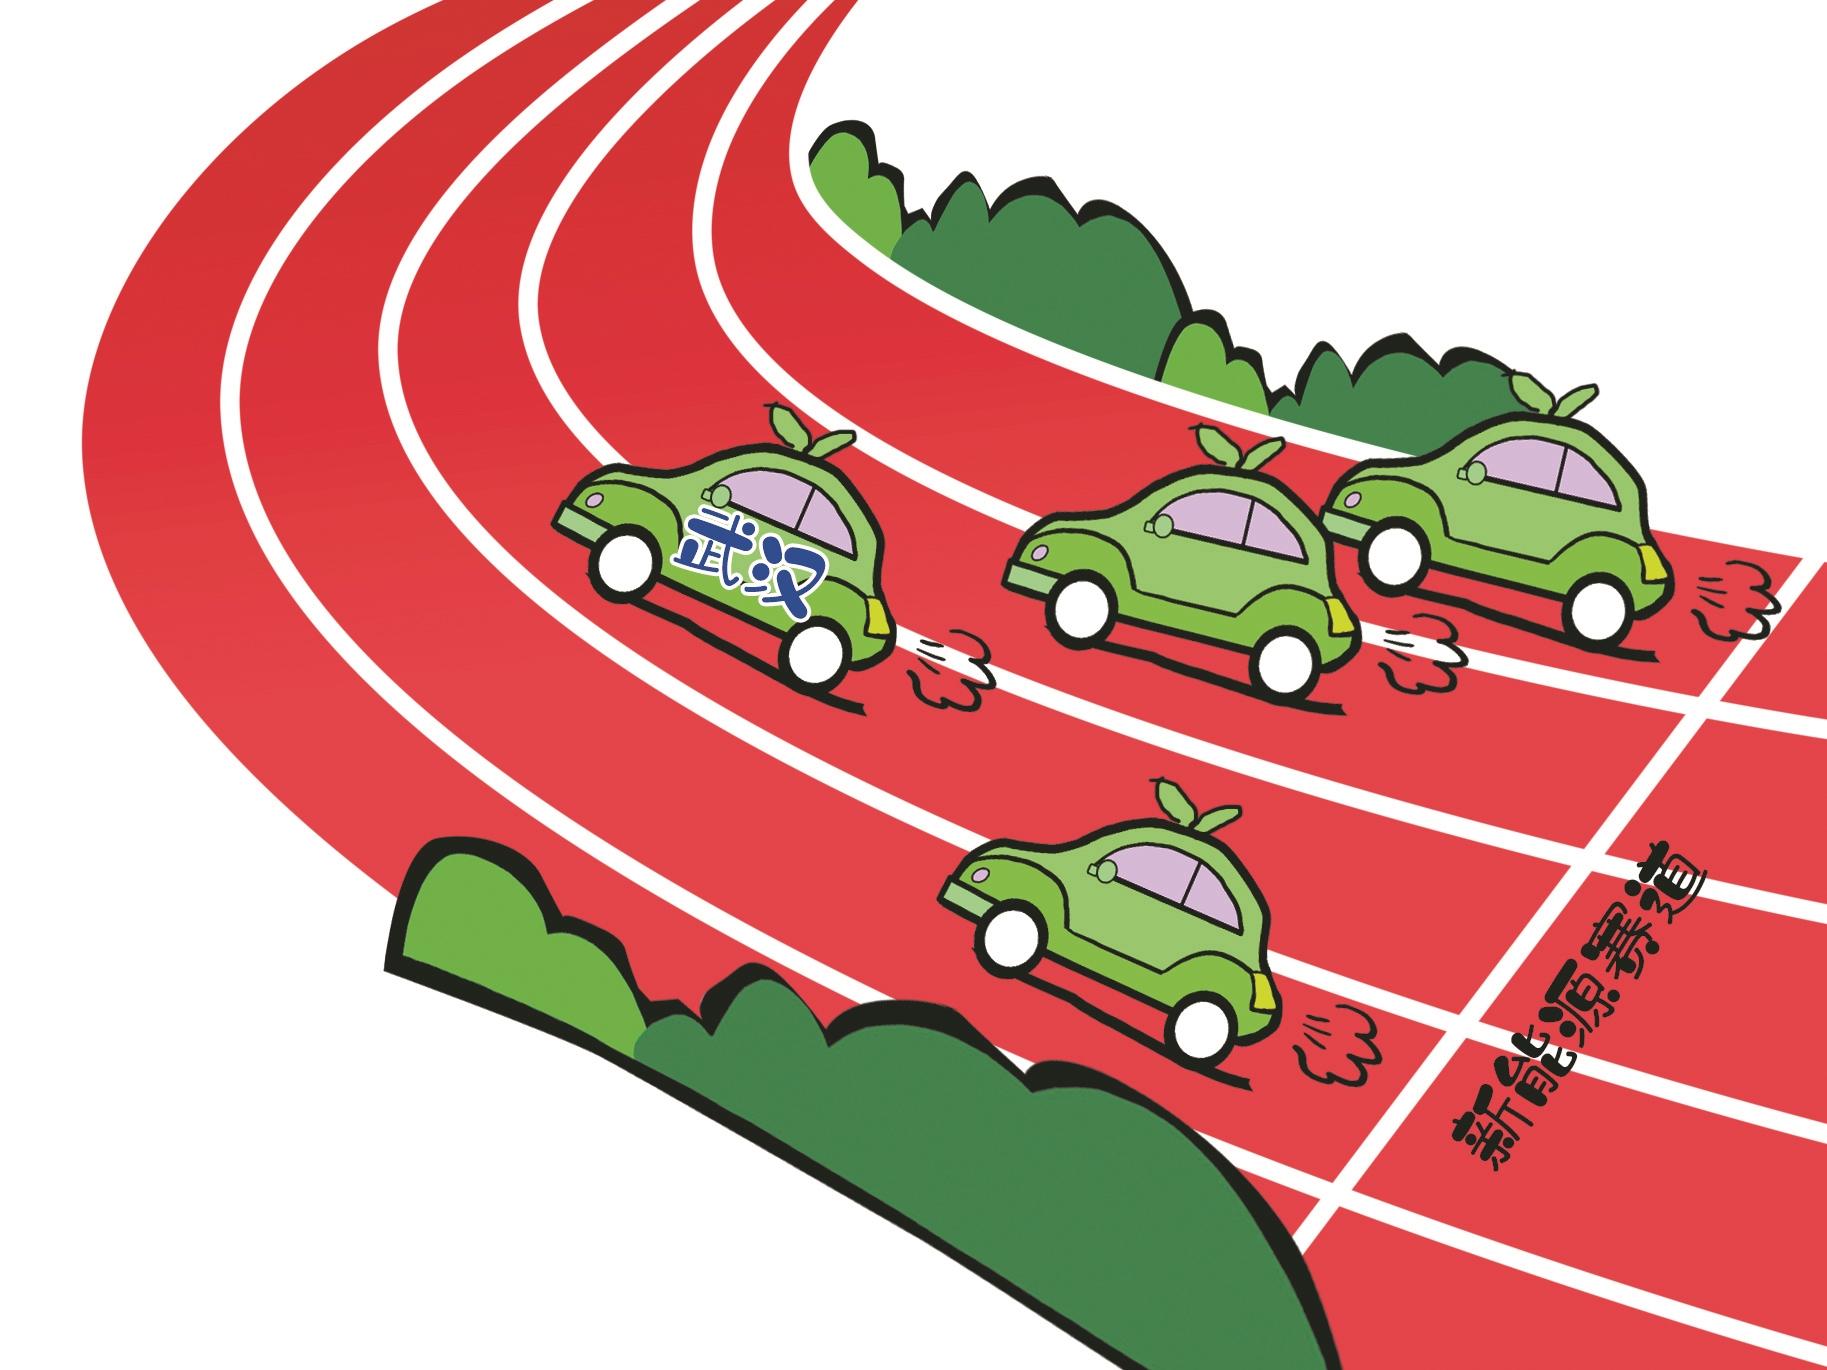 东风绘岚图 小鹏签武汉 湖北在新能源车赛道上加速突围